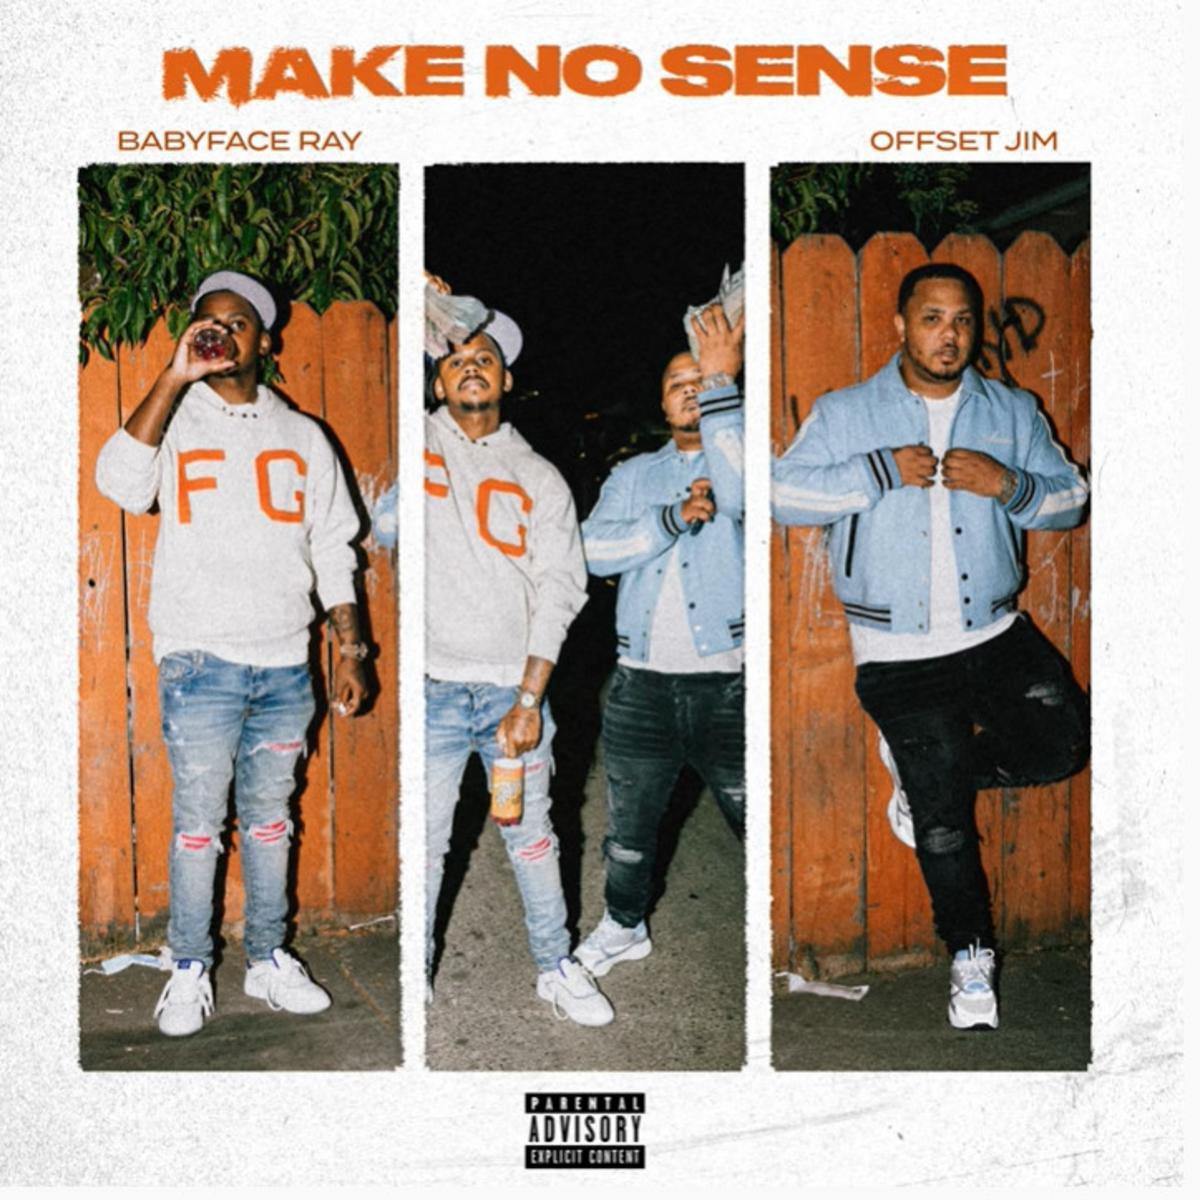 MP3: Offset Jim - Make No Sense Ft. Babyface Ray